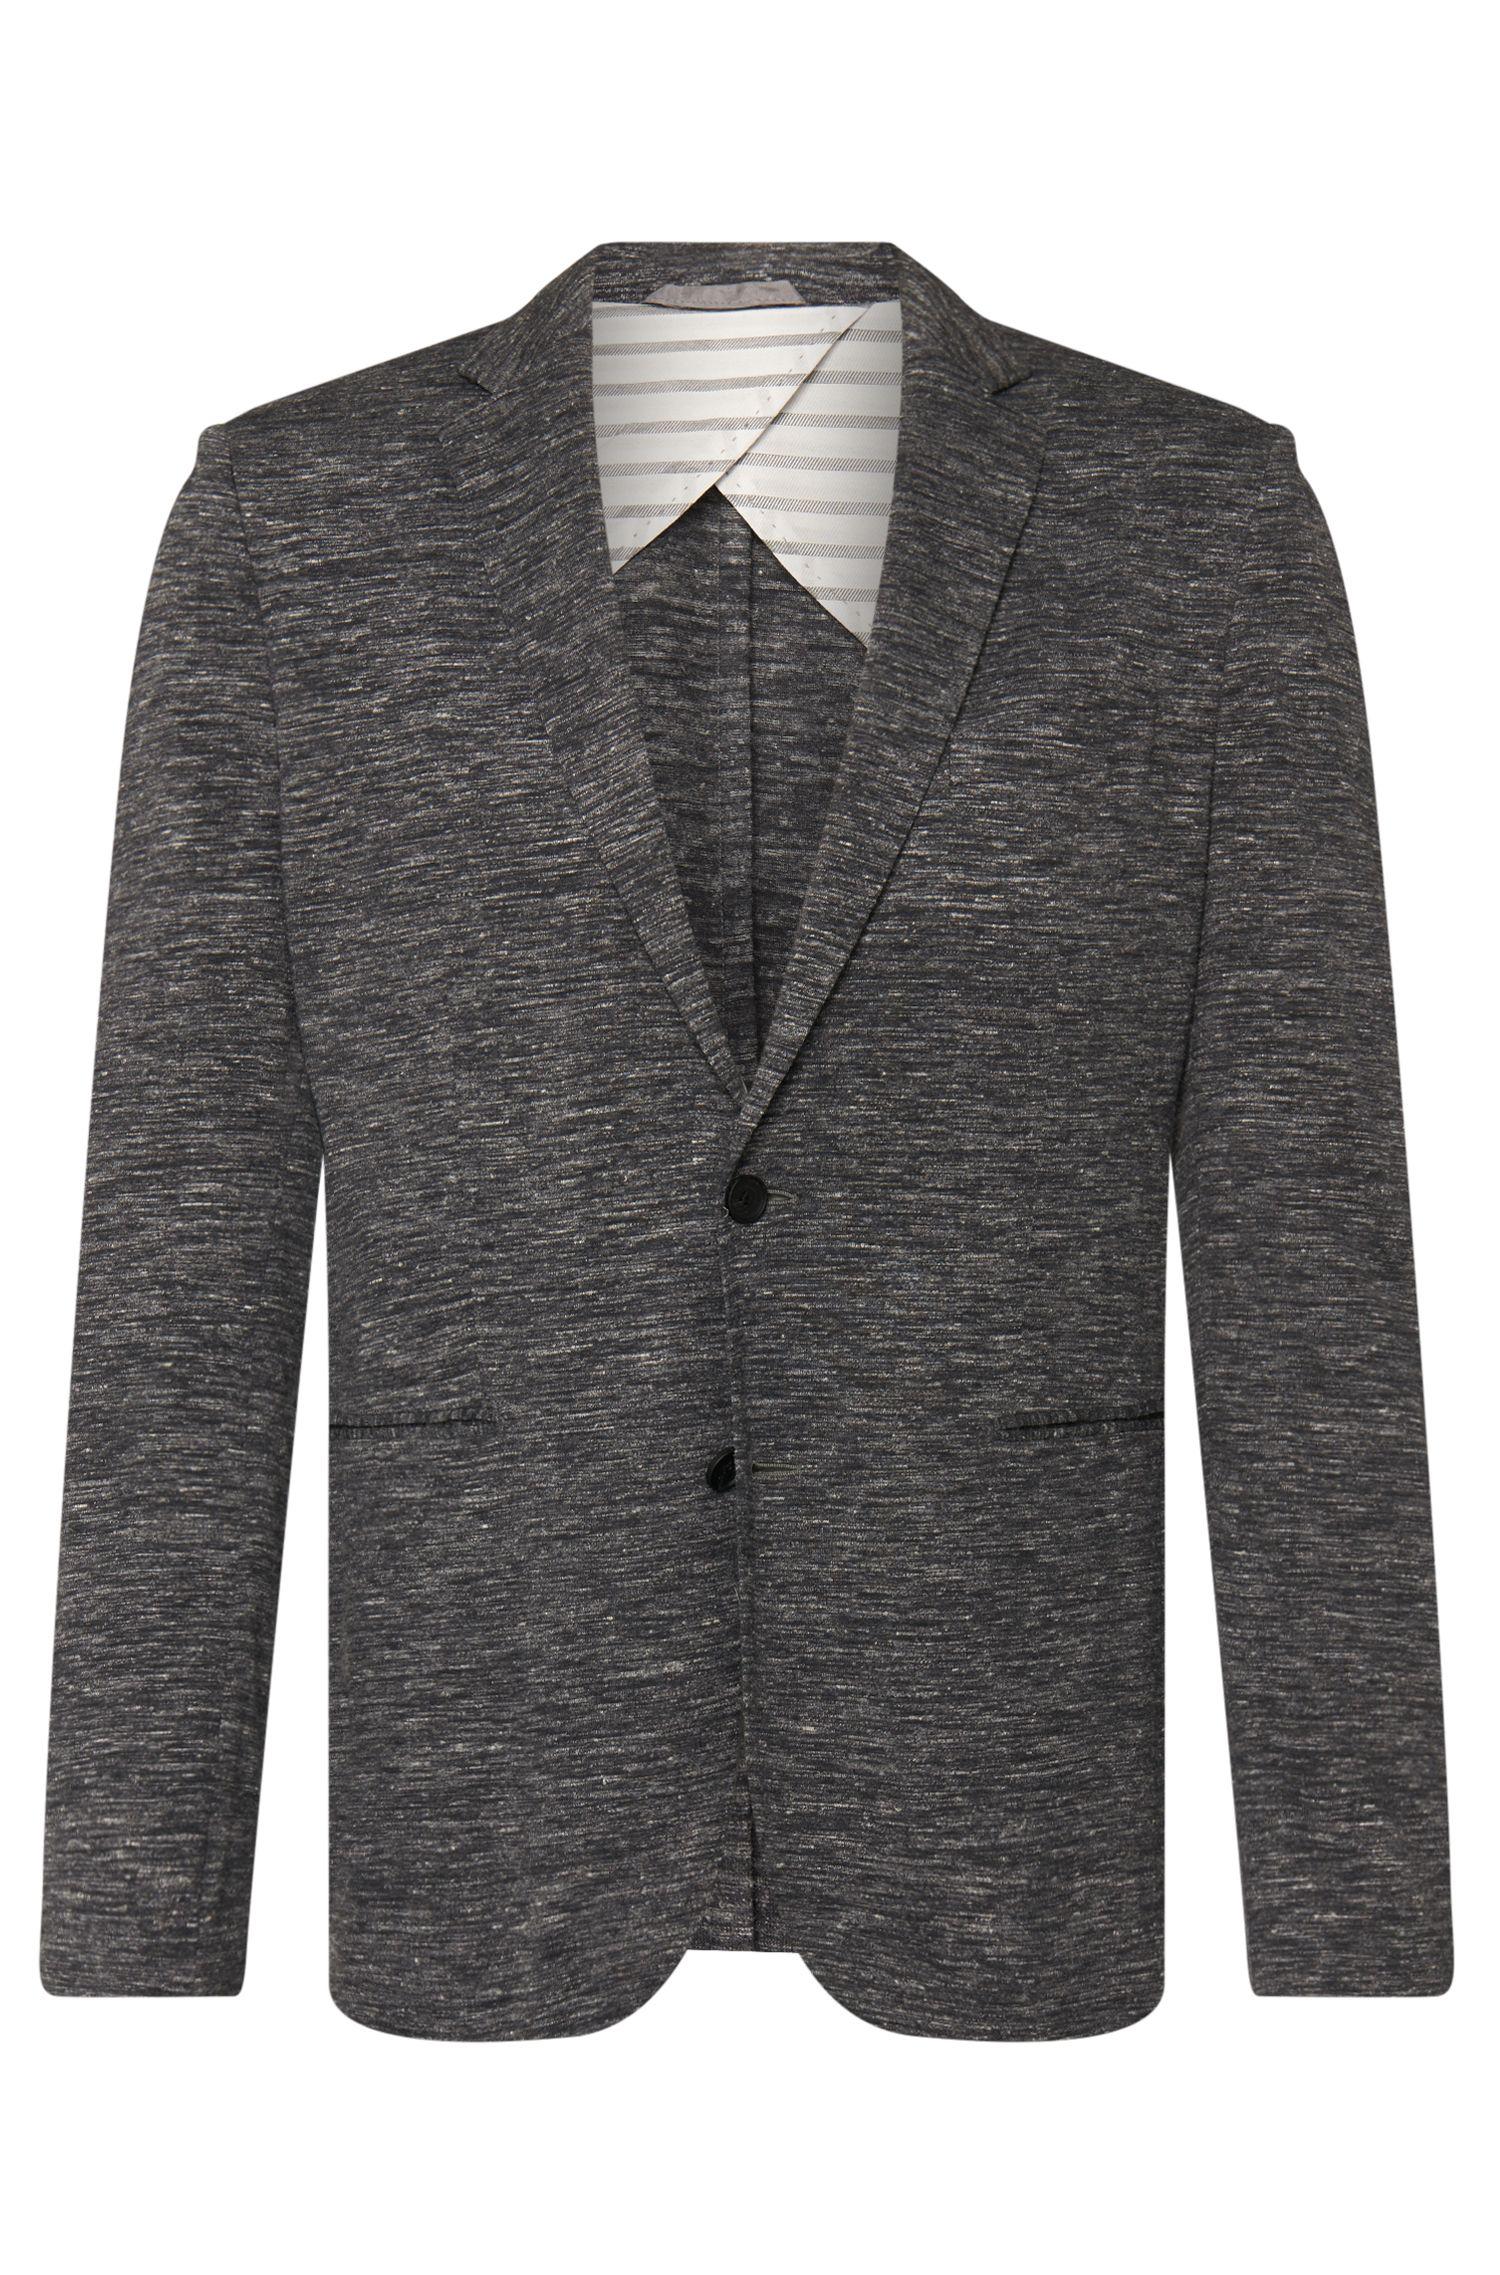 'Norwin'   Slim Fit, Linen Virgin Wool Jersey Sport Coat